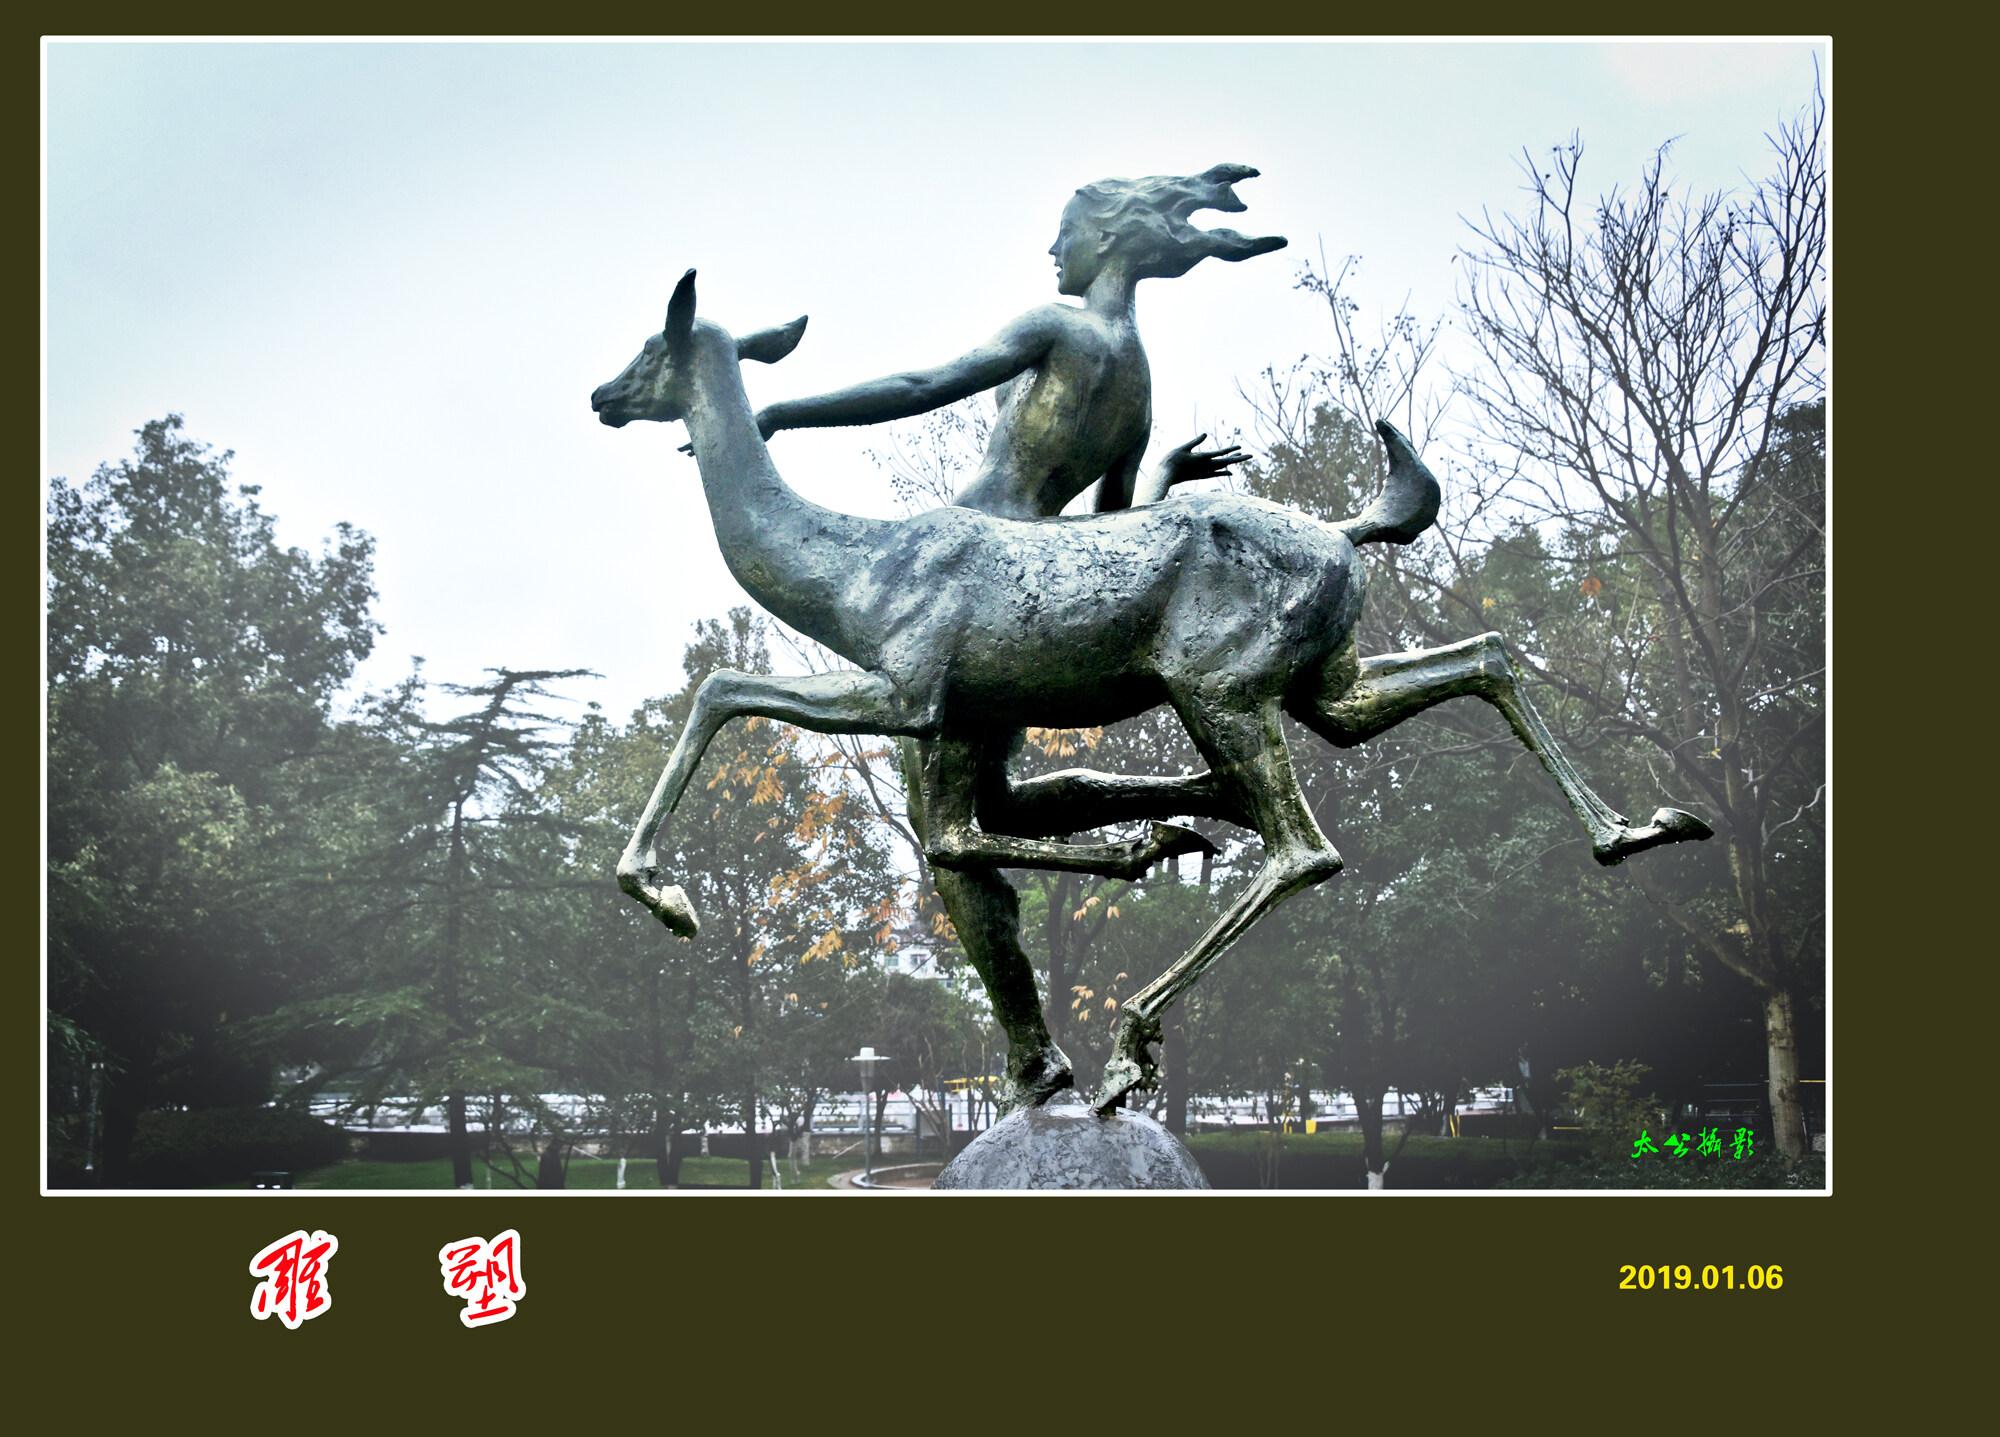 DSC_7865.jpg雕塑1.jpg 2.jpg